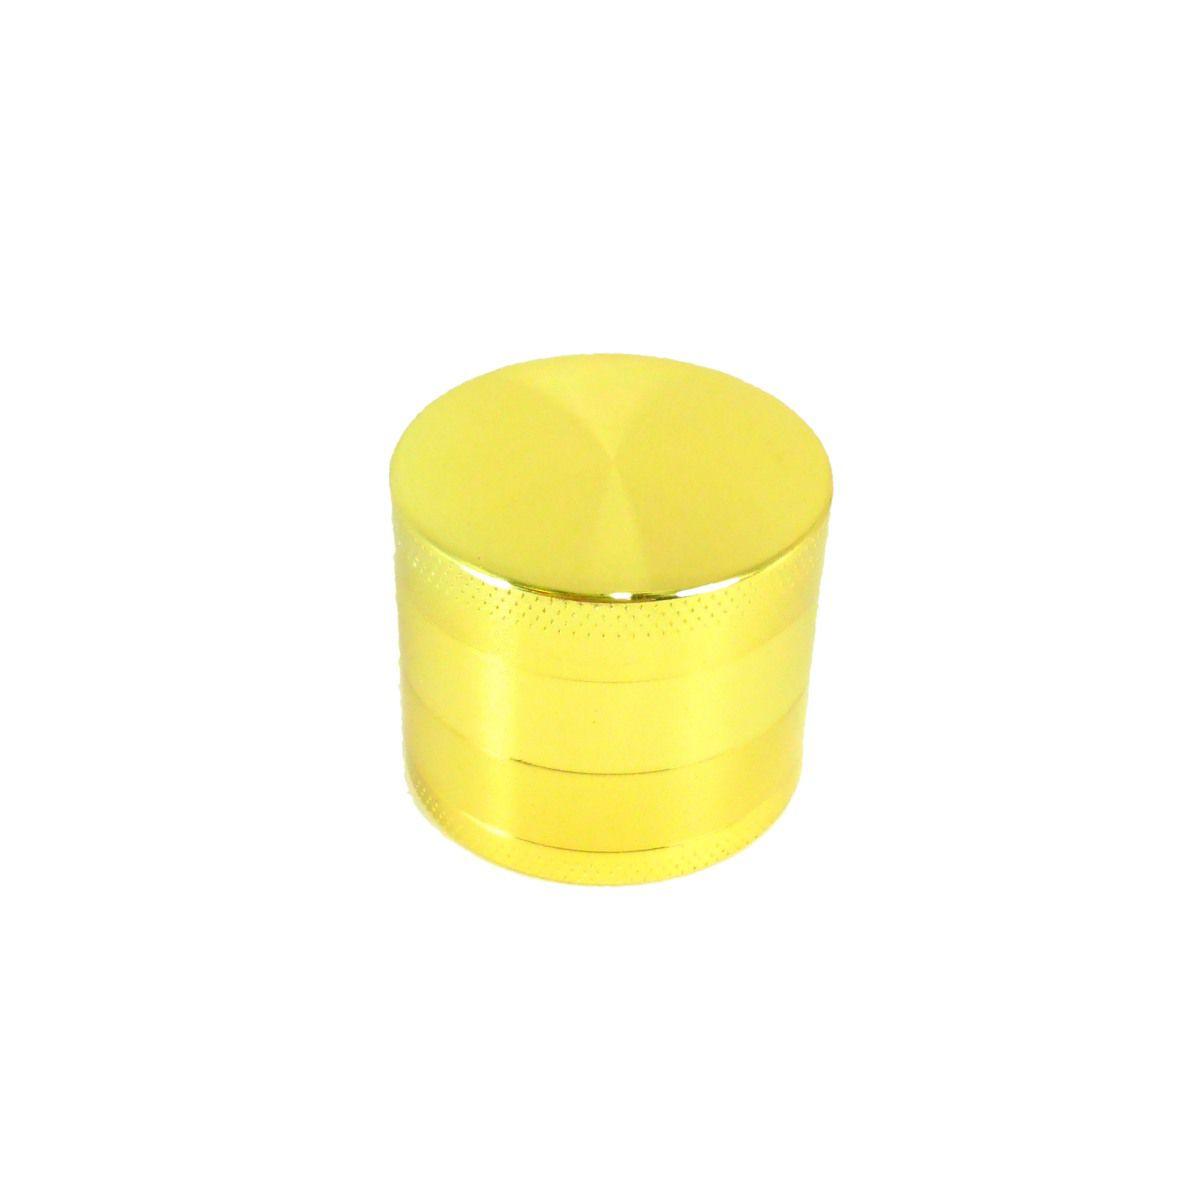 Dichavador/ Desfiador/ Triturador em metal, NEW MÉDIO trifásico (3,4cm. alt / 3,9cm diâm.) Dourado